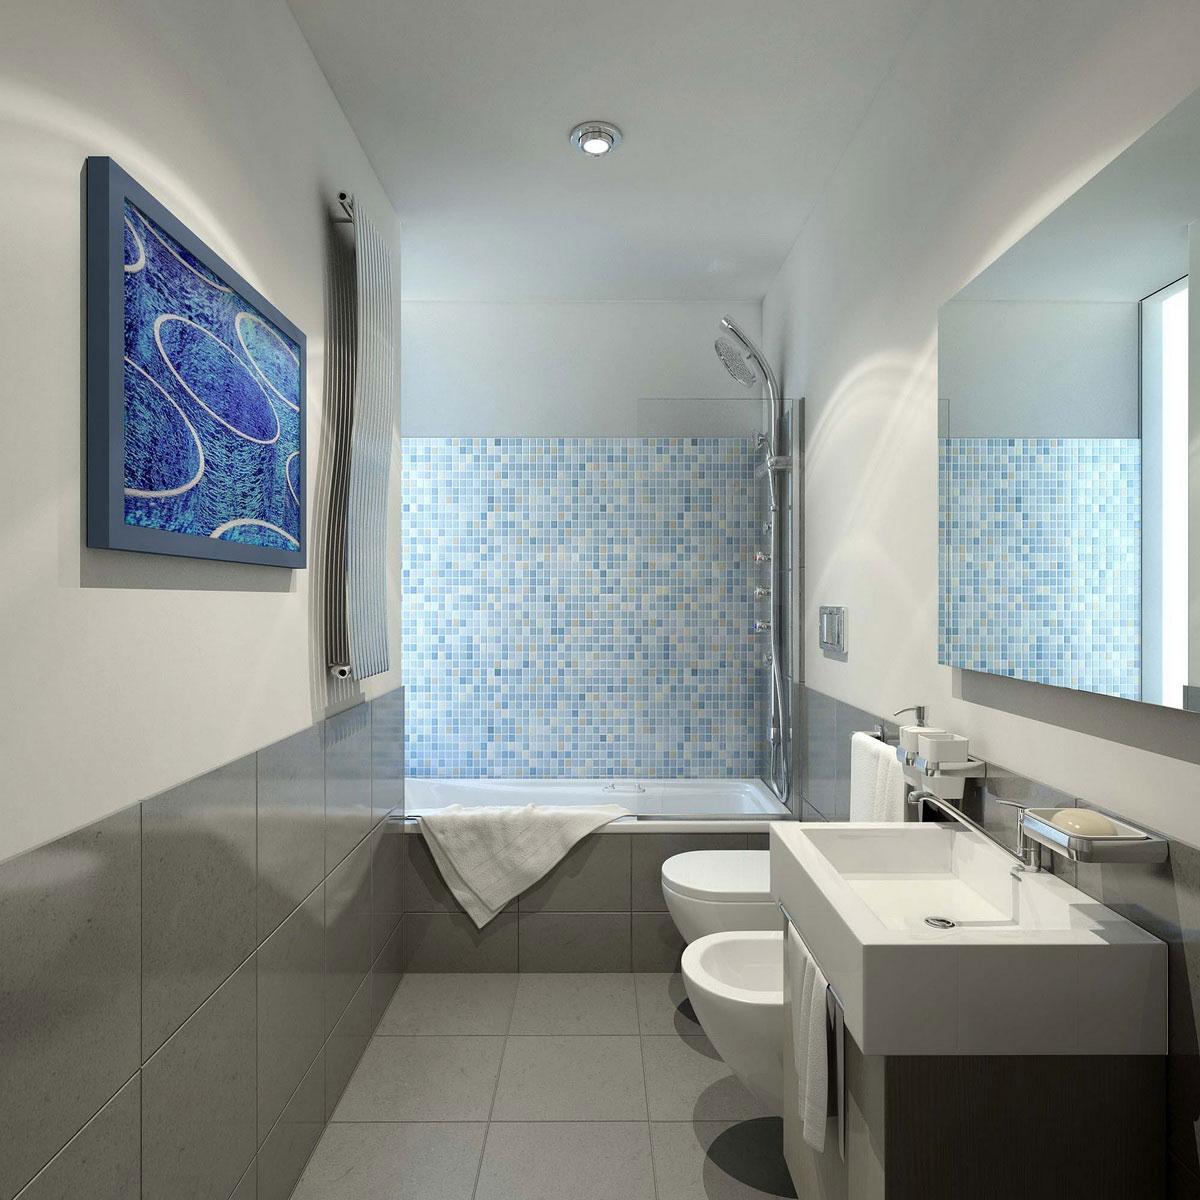 дизайн ванной комнаты 3.5 кв.м в одном цвете фото без туалета